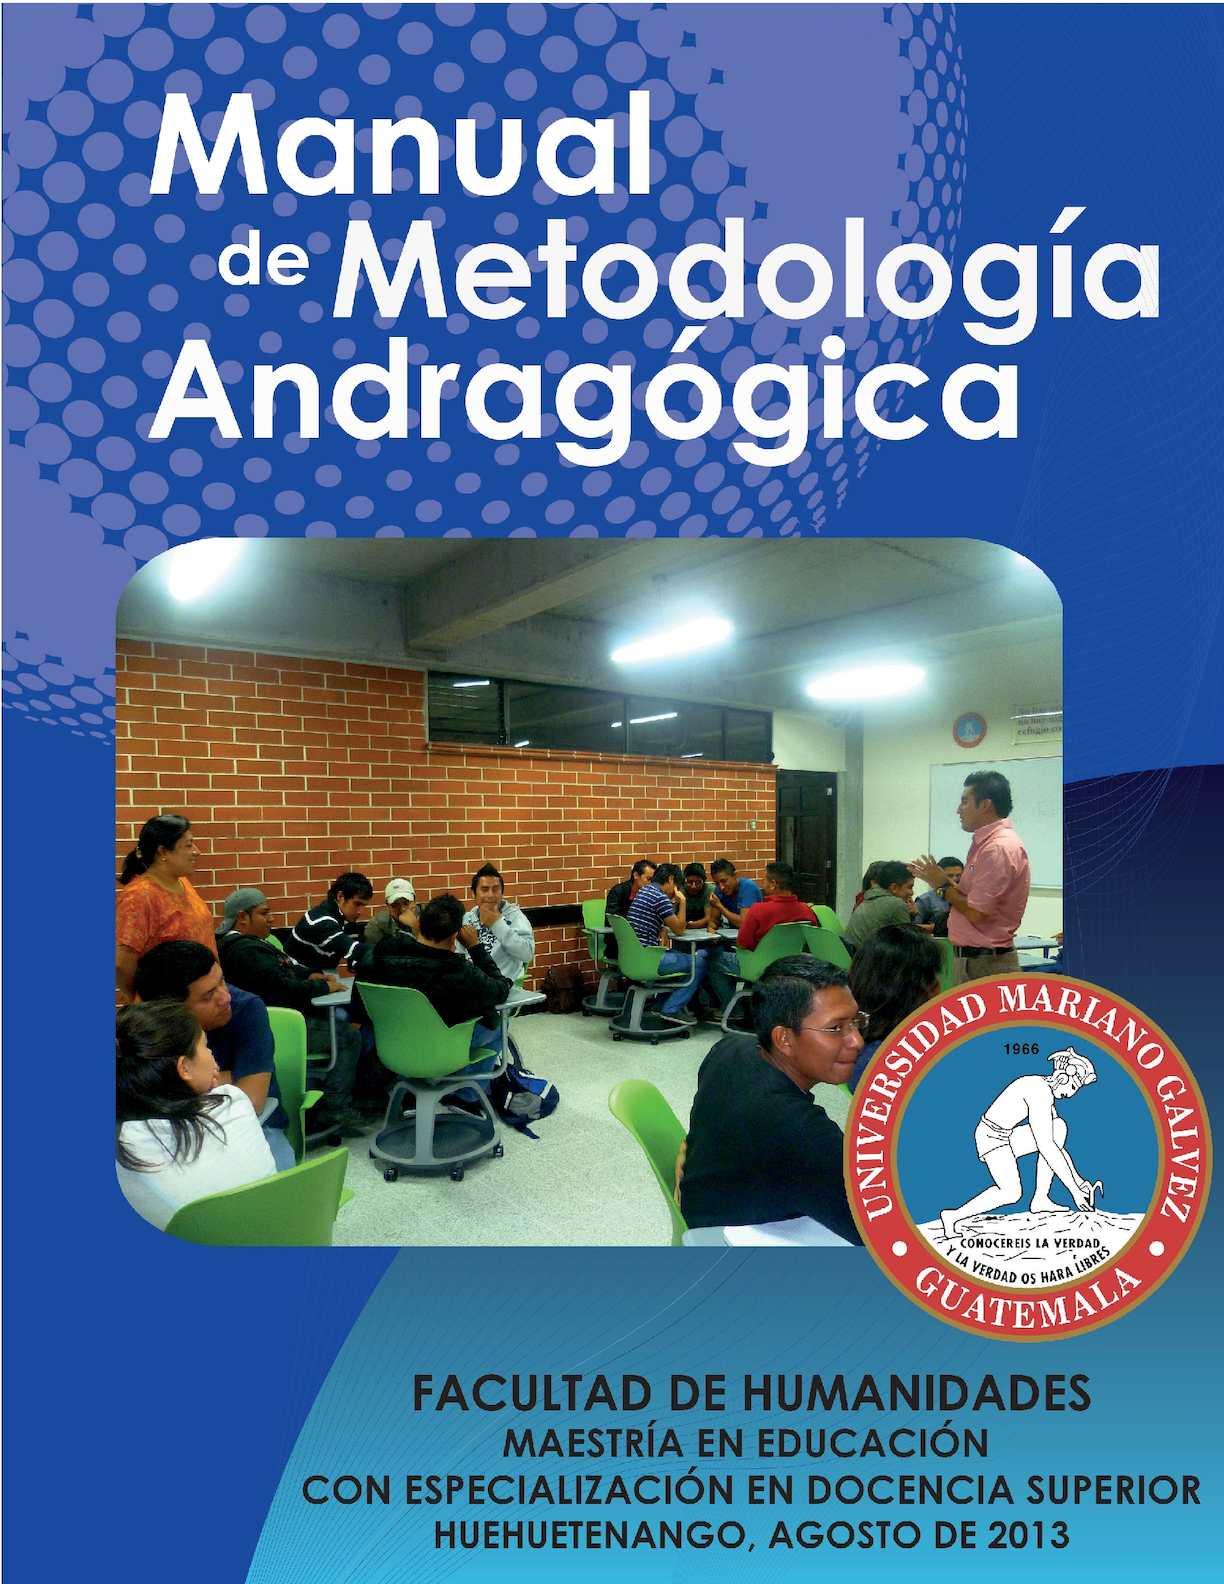 Manual De Metodologia Andragogica Final Copia